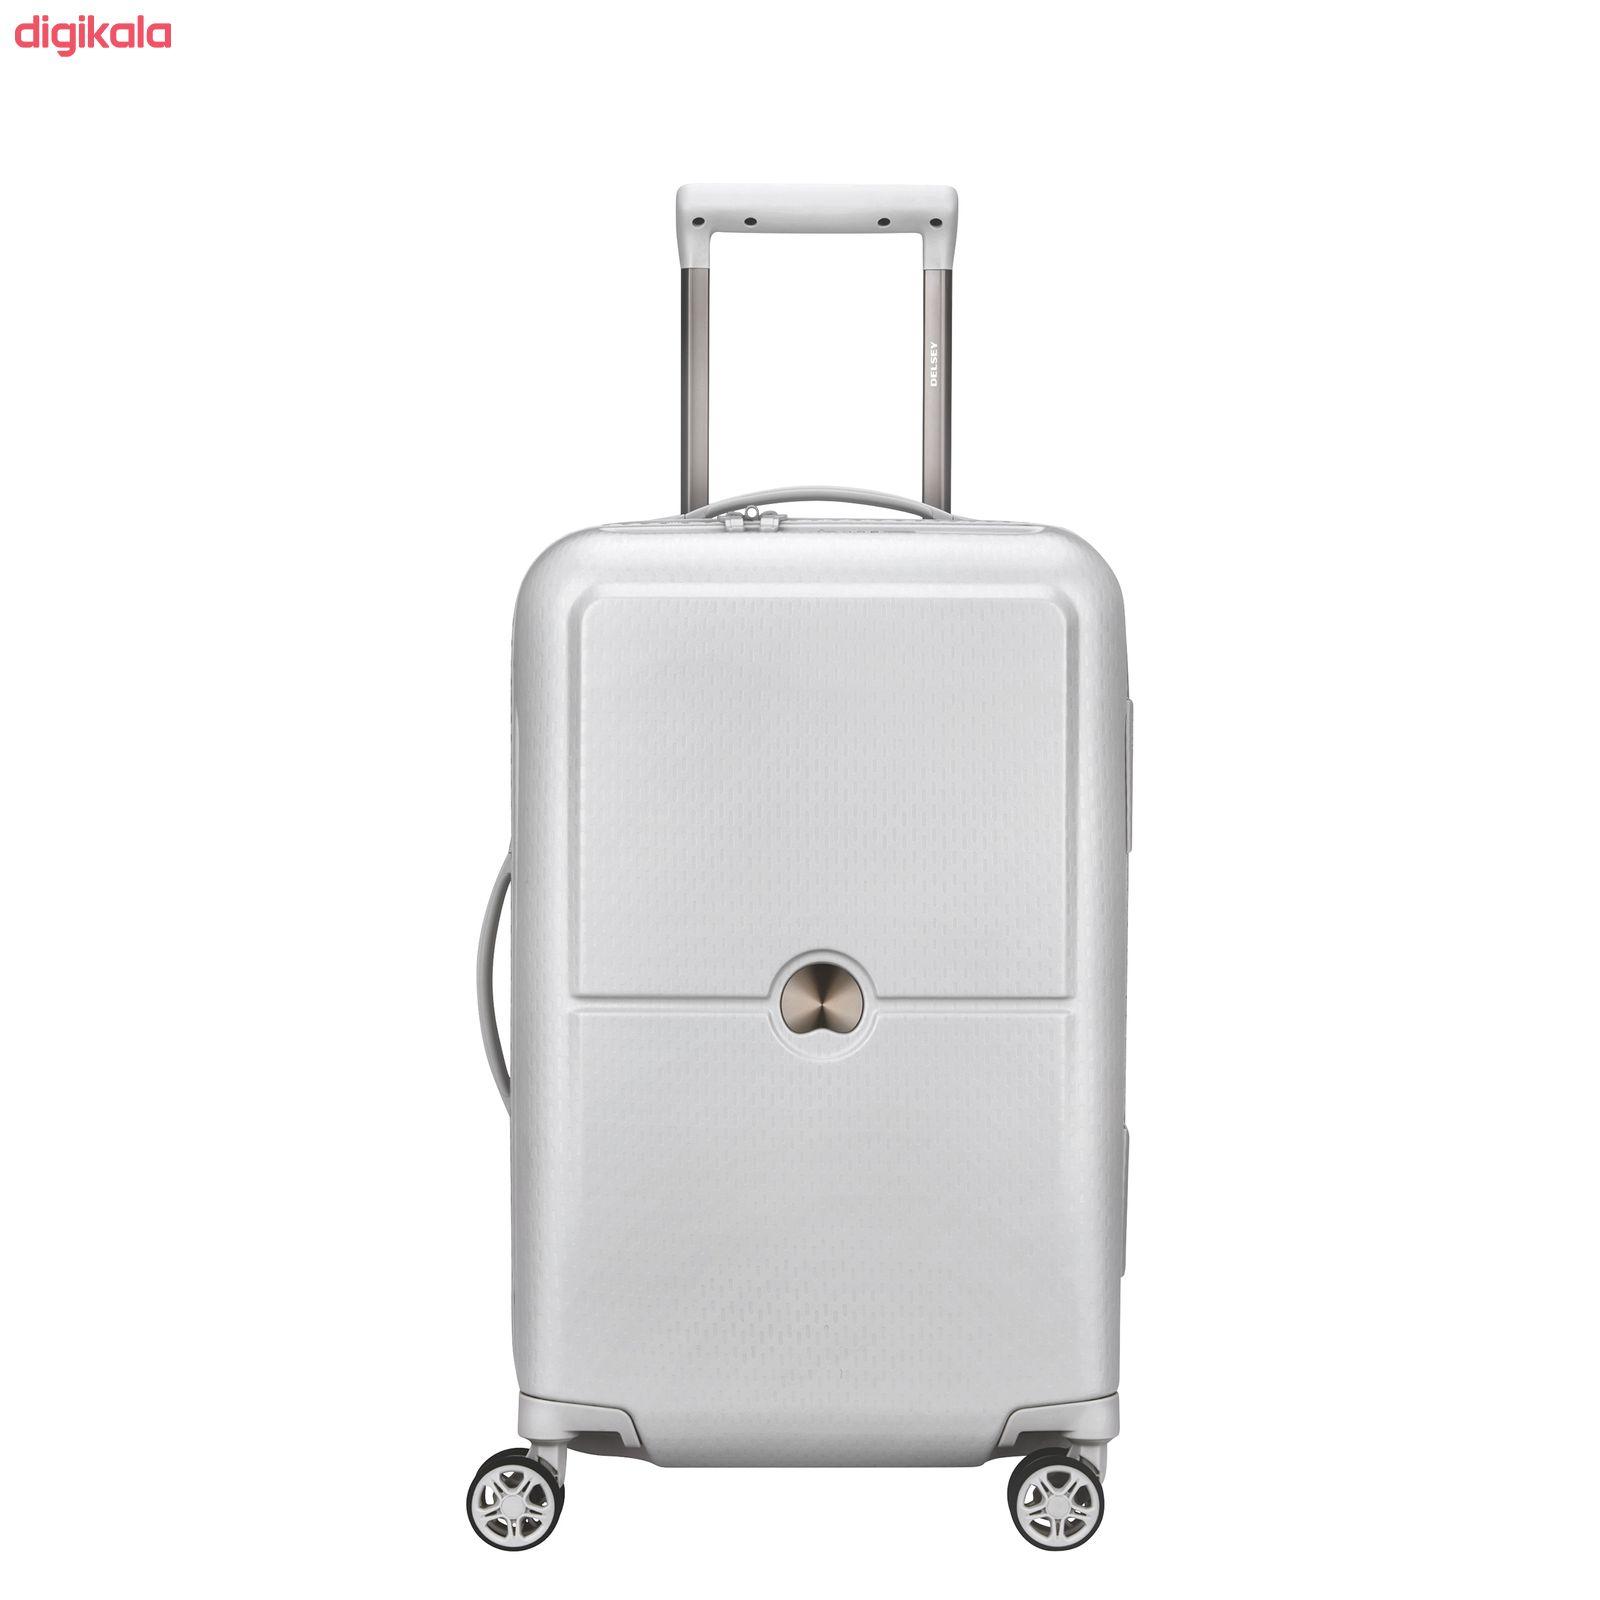 چمدان دلسی مدل TURENNE کد 1621801 سایز کوچک main 1 3